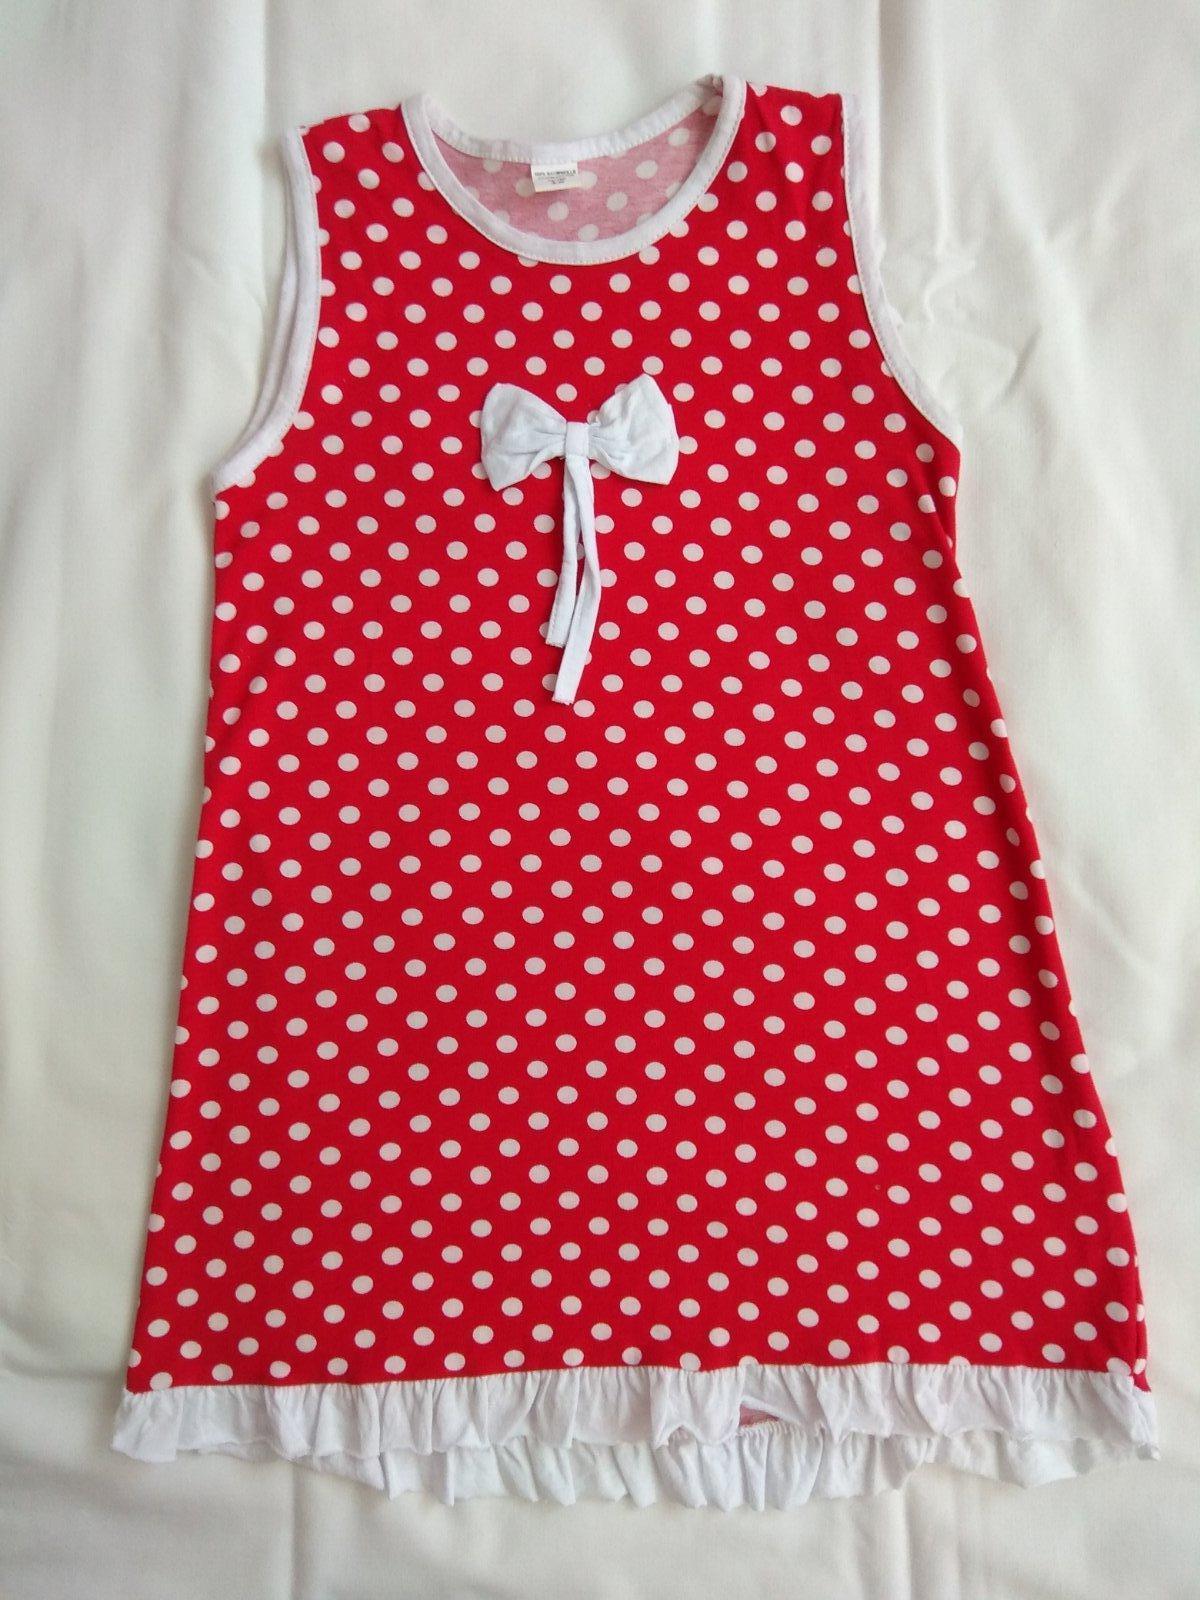 Červená šaty s bielymi bodkami - Obrázok č. 1